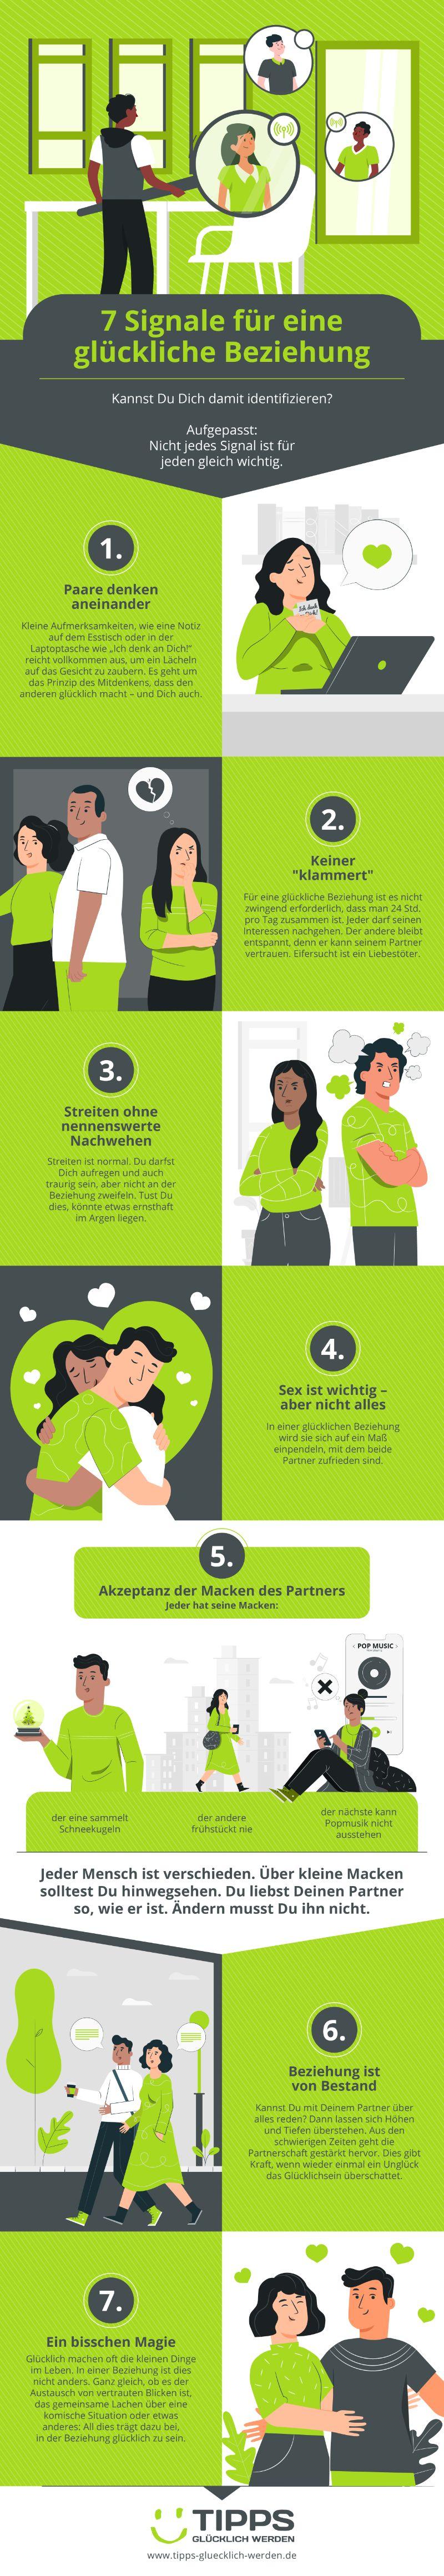 Infografik Was Ist Glücklich Sein In Einer Beziehung